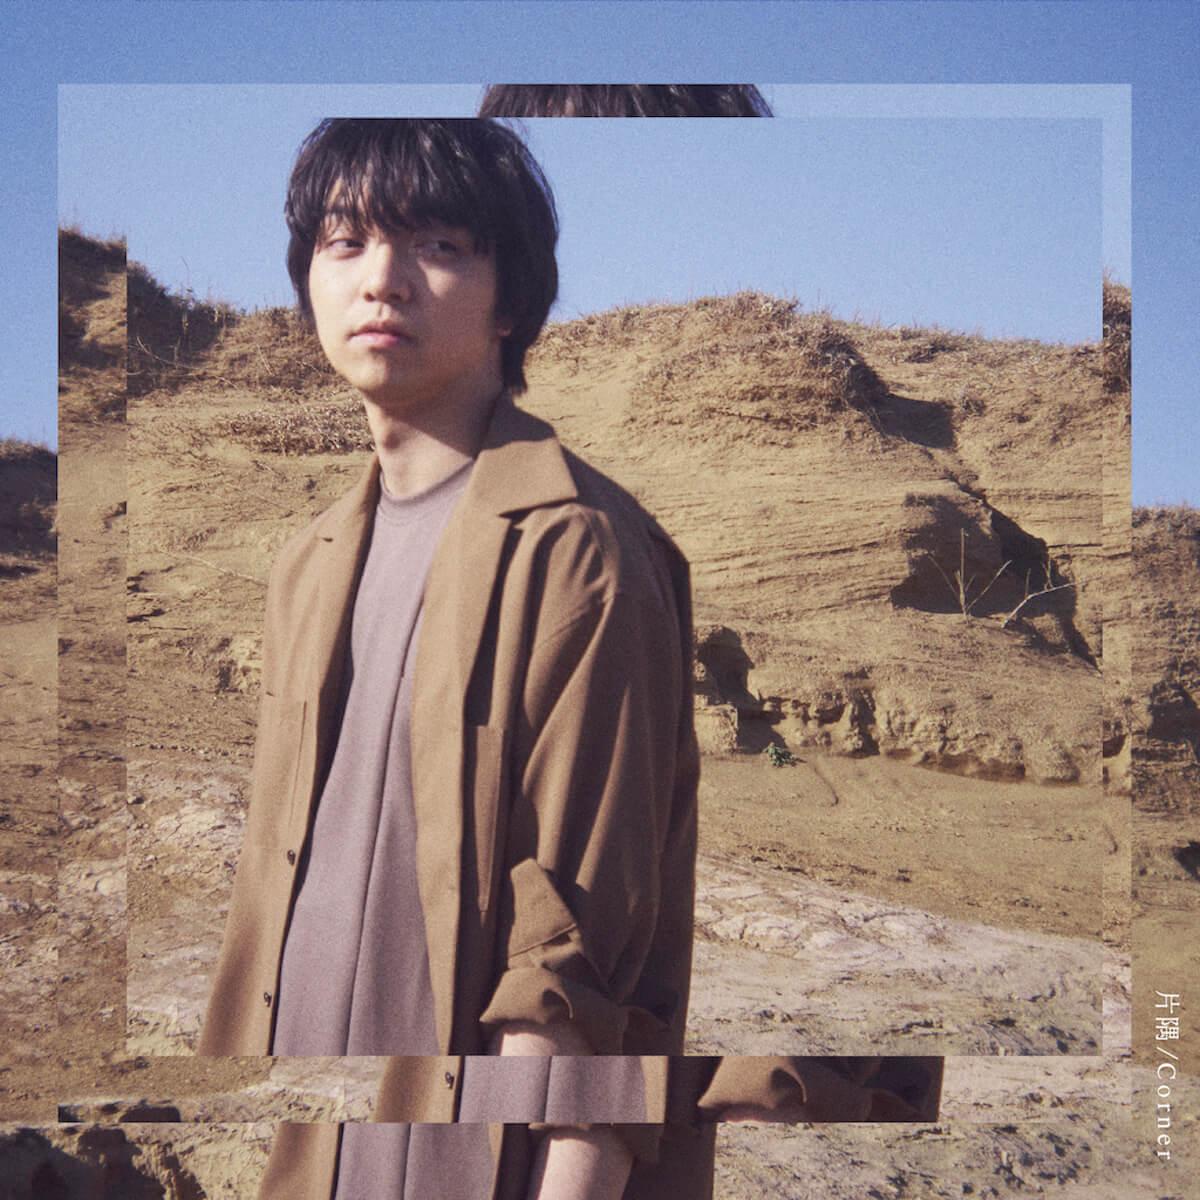 モデルKōki,が作曲の三浦大知「片隅」MVが本日公開 水曜ドラマ『白衣の戦士!』挿入歌 music190528miuradaichi-katasumi_1